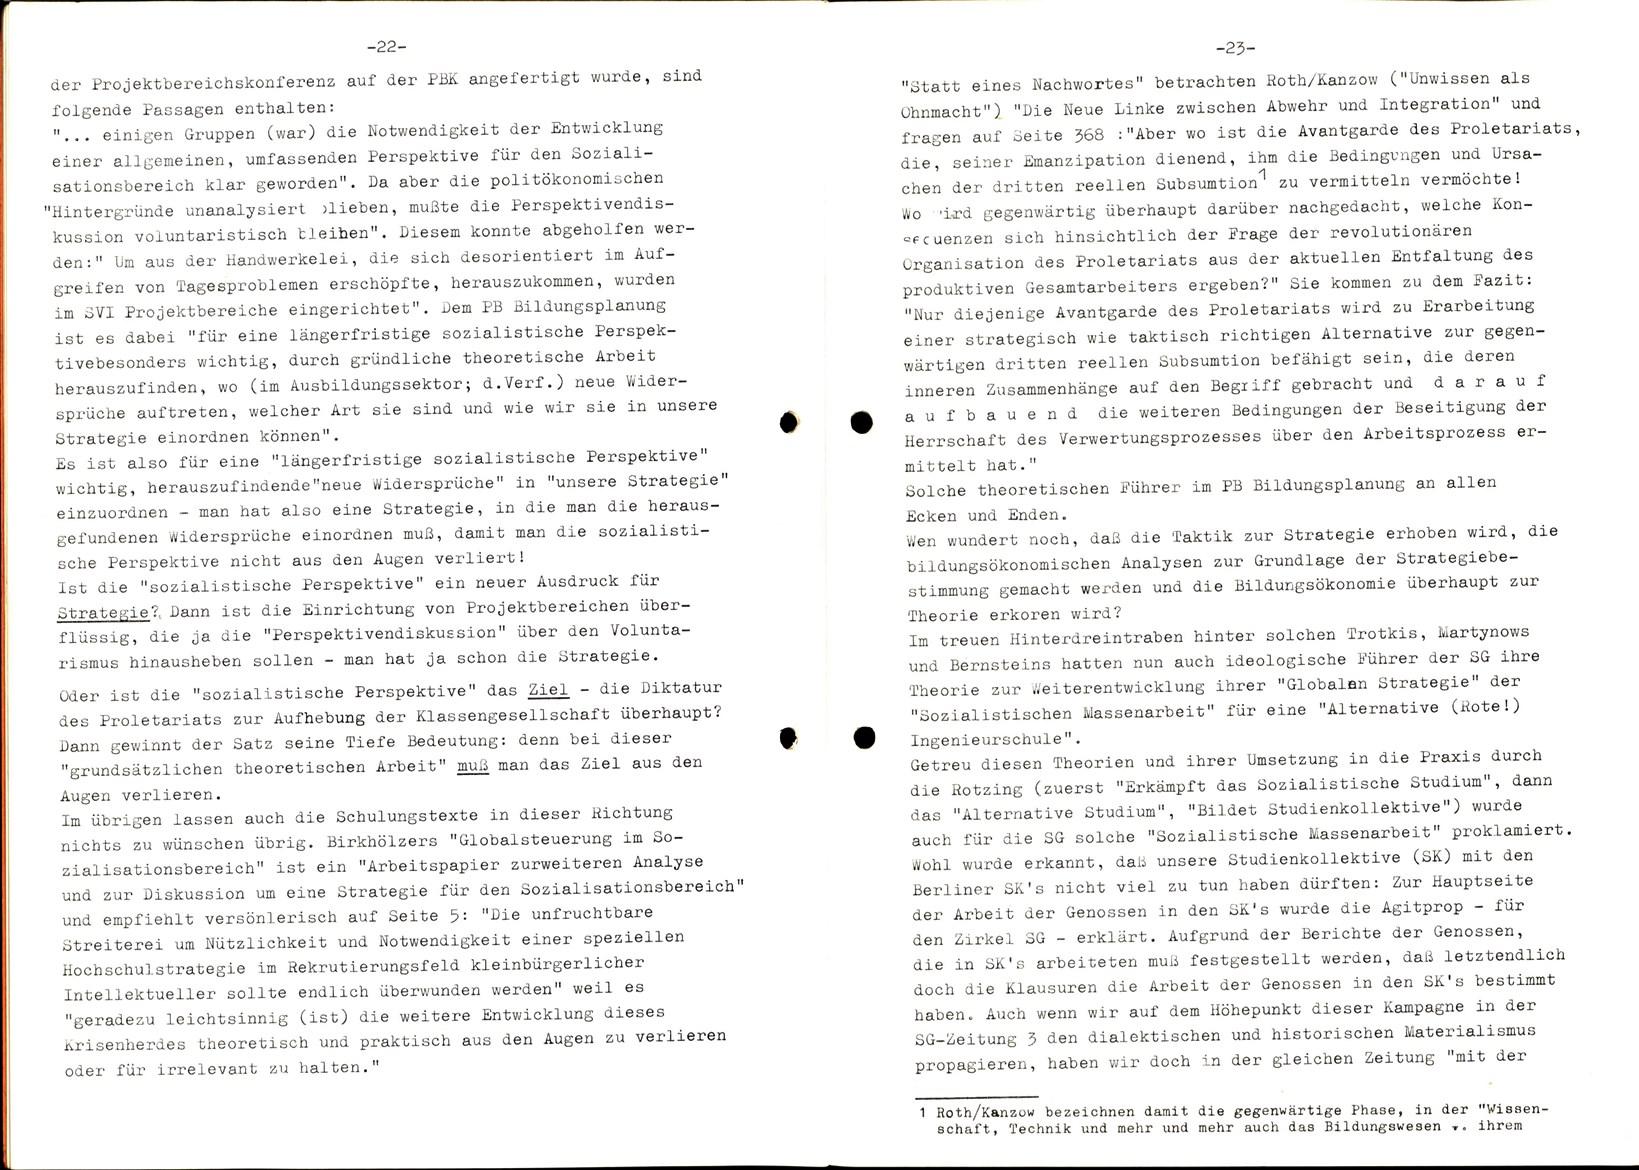 Aachen_KSBML_1971_Selbstkritik_13